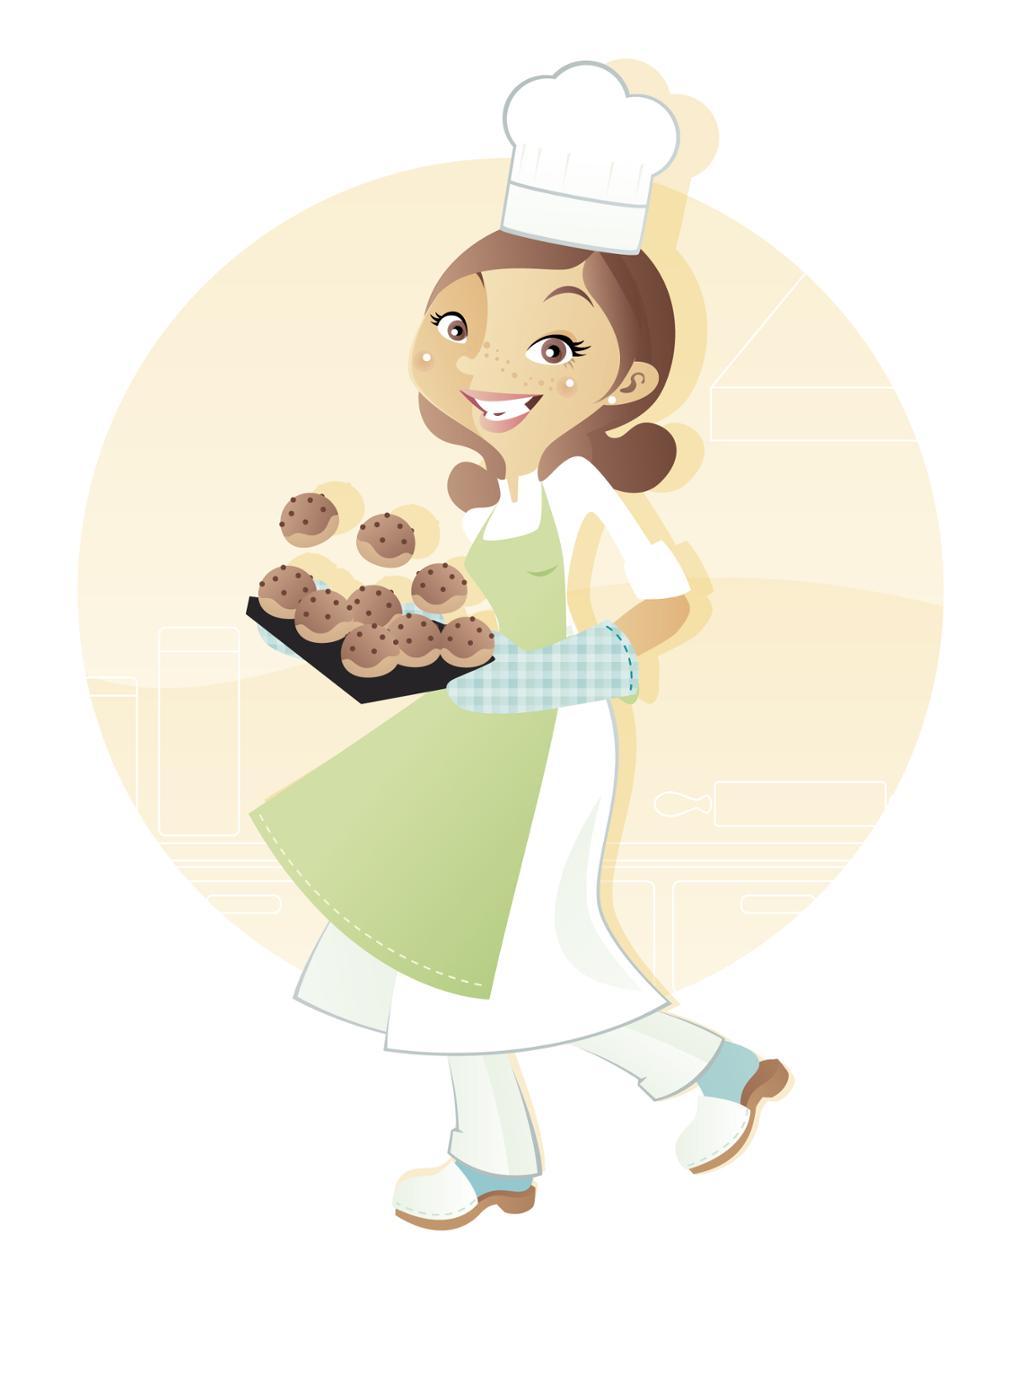 Bilde av en baker